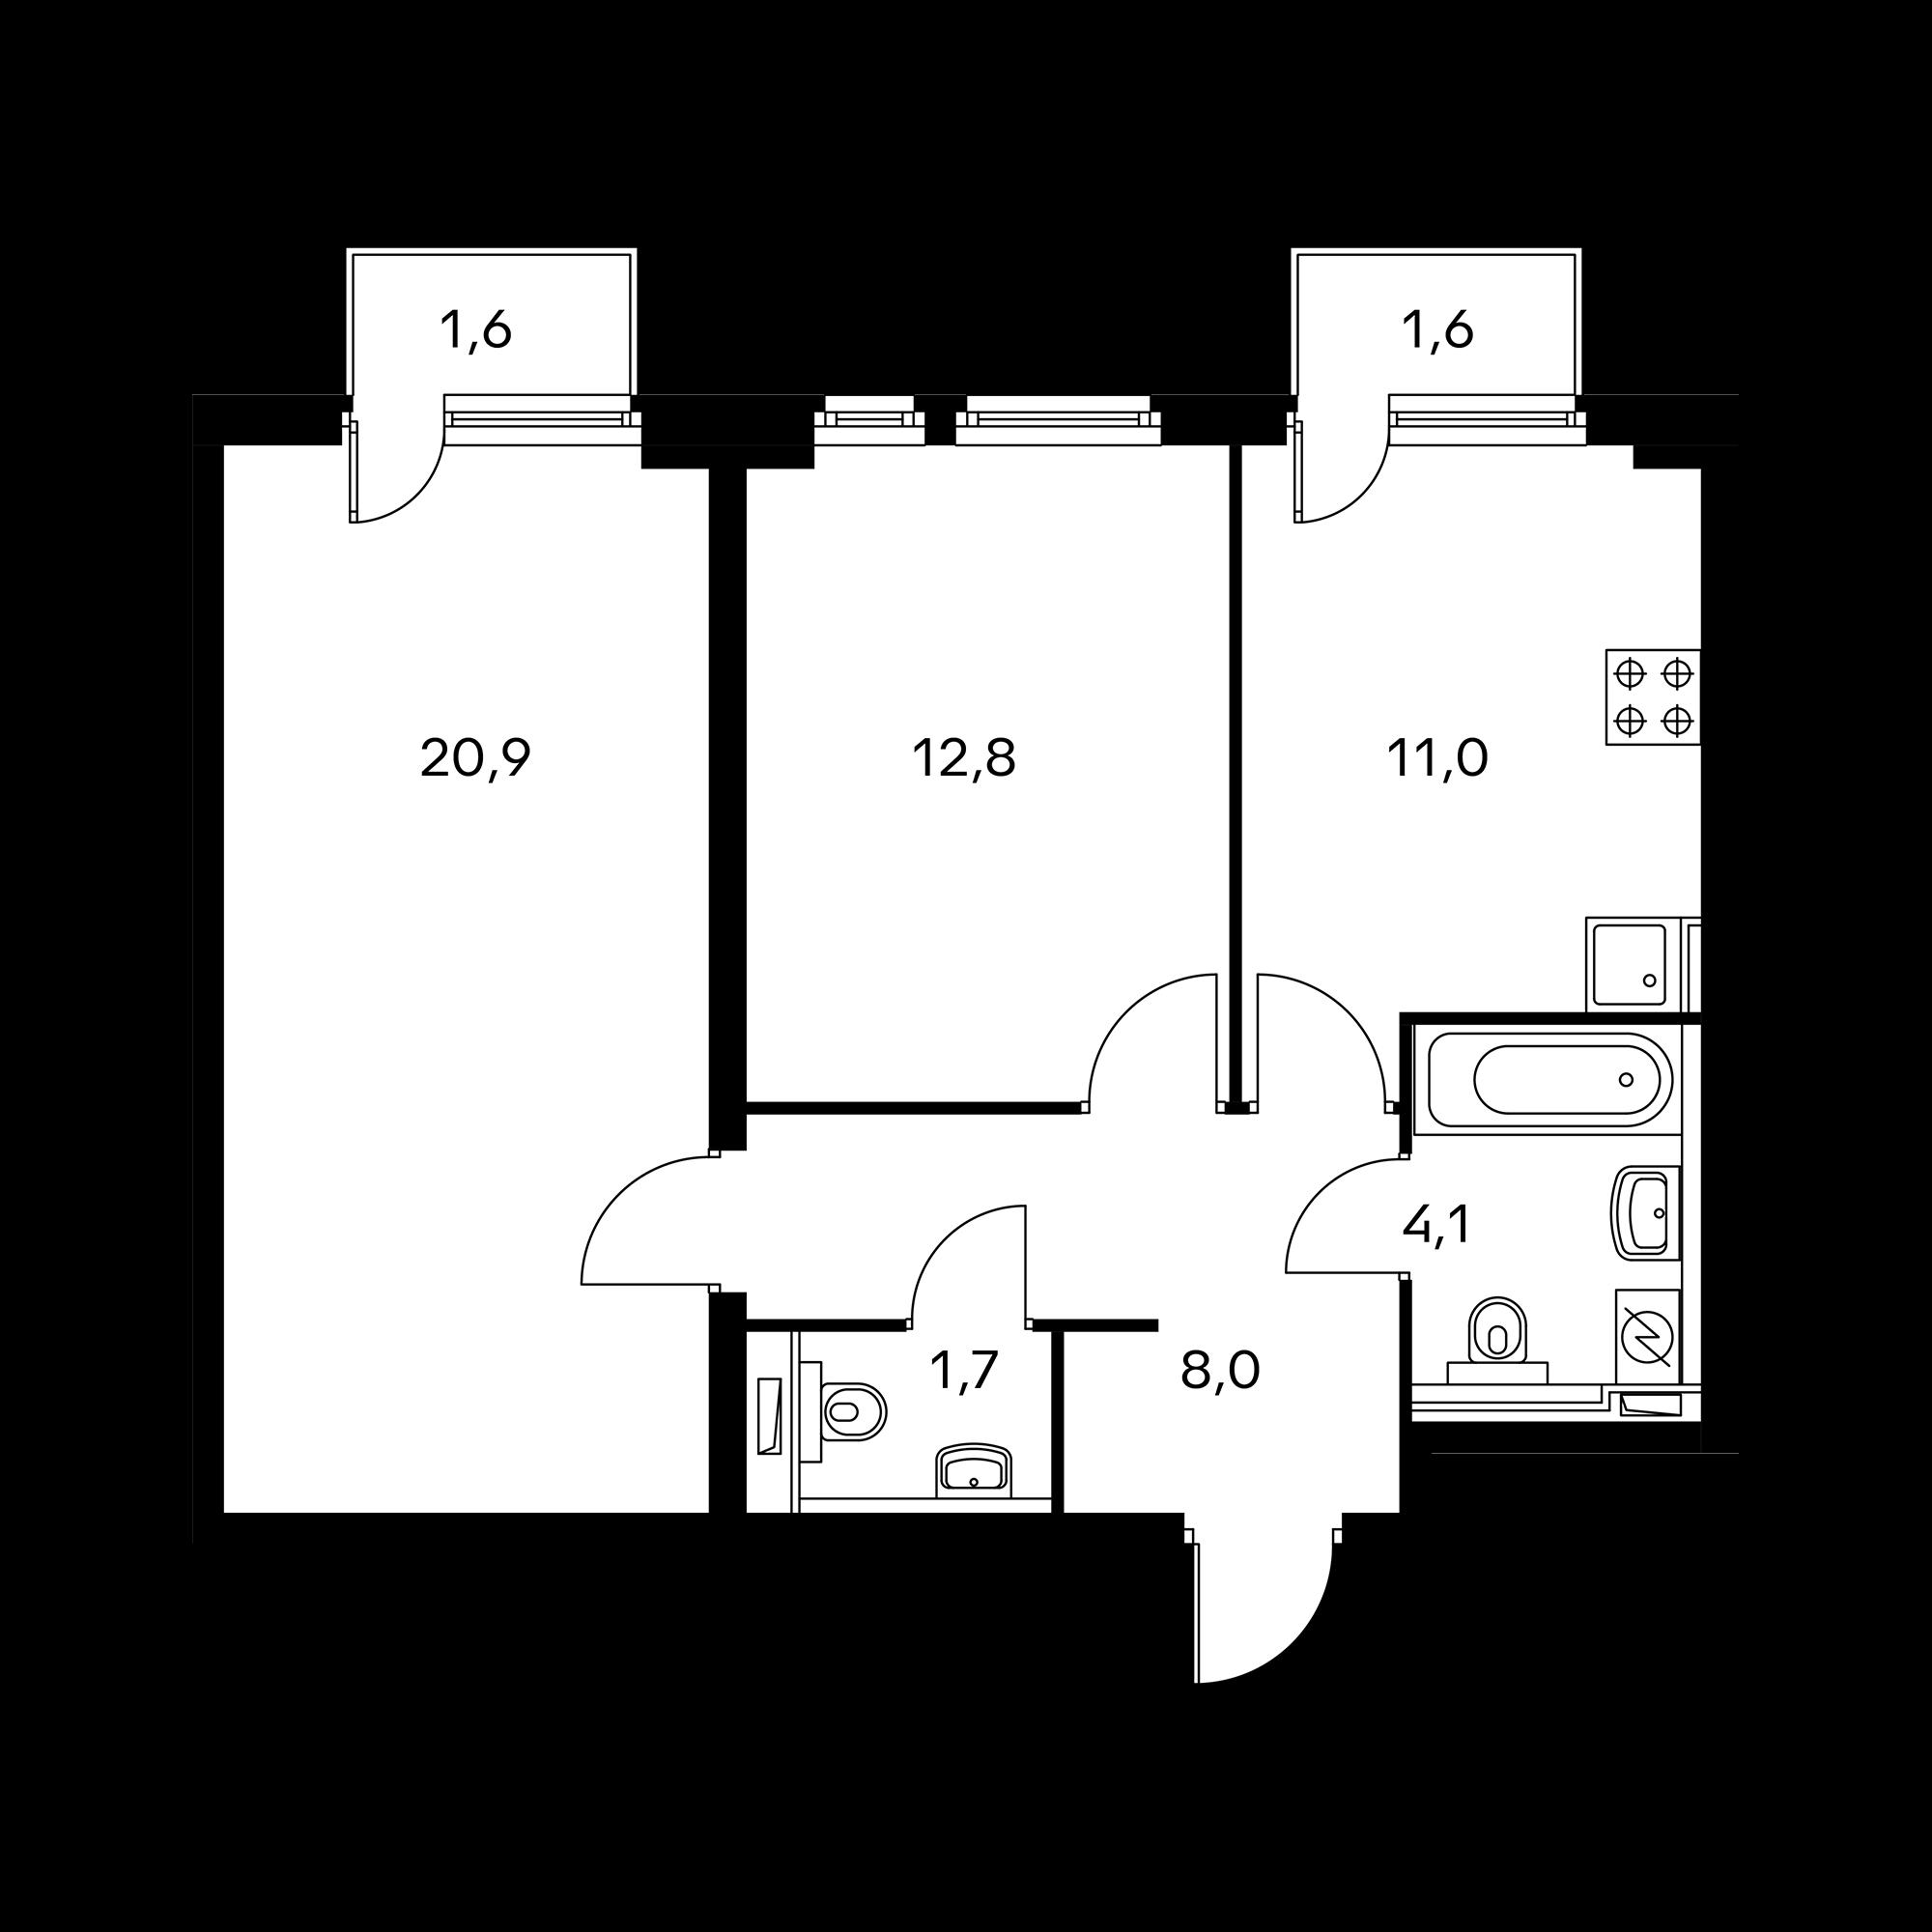 2KM6-9.6-1_S_A_В